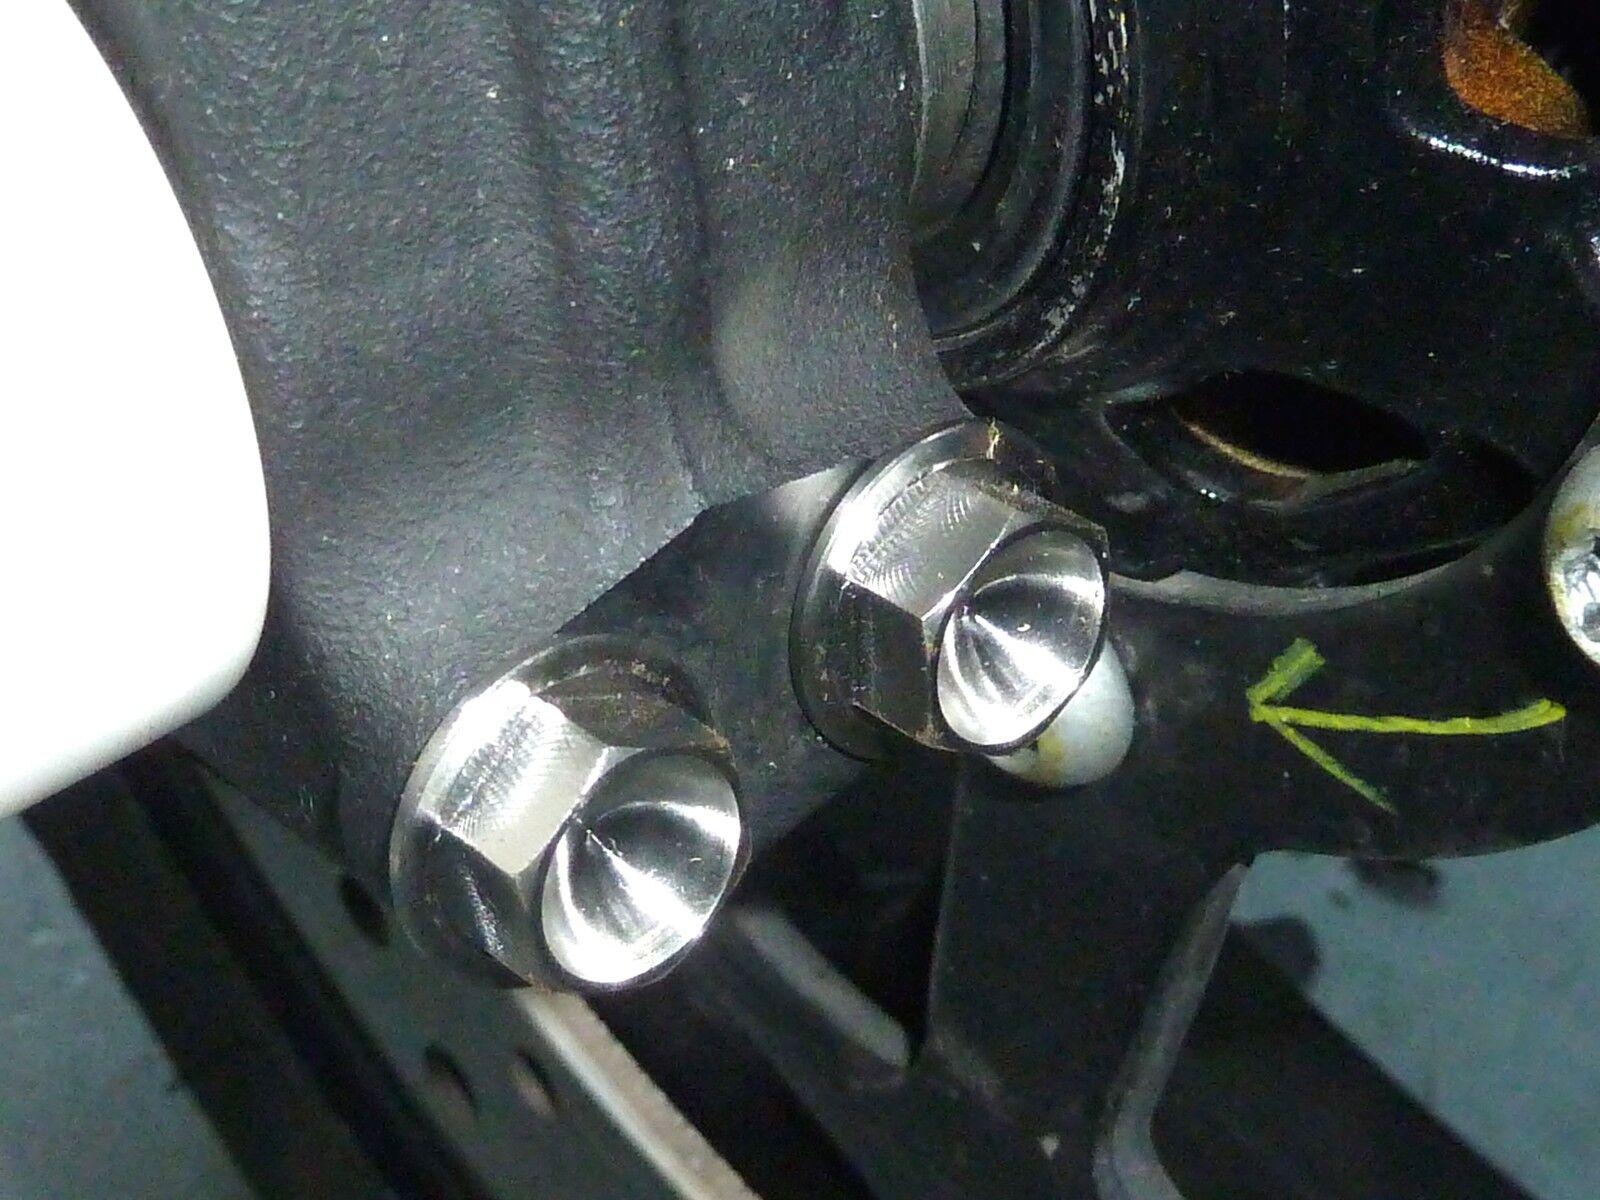 Kawasaki Kawasaki Kawasaki KX250F KX450F ZRX1100 Forcella Anteriore Bulloni Titanio Hex Ti Nuovo | Export  | Prese tedesche  | Ha una lunga reputazione  7a1b76